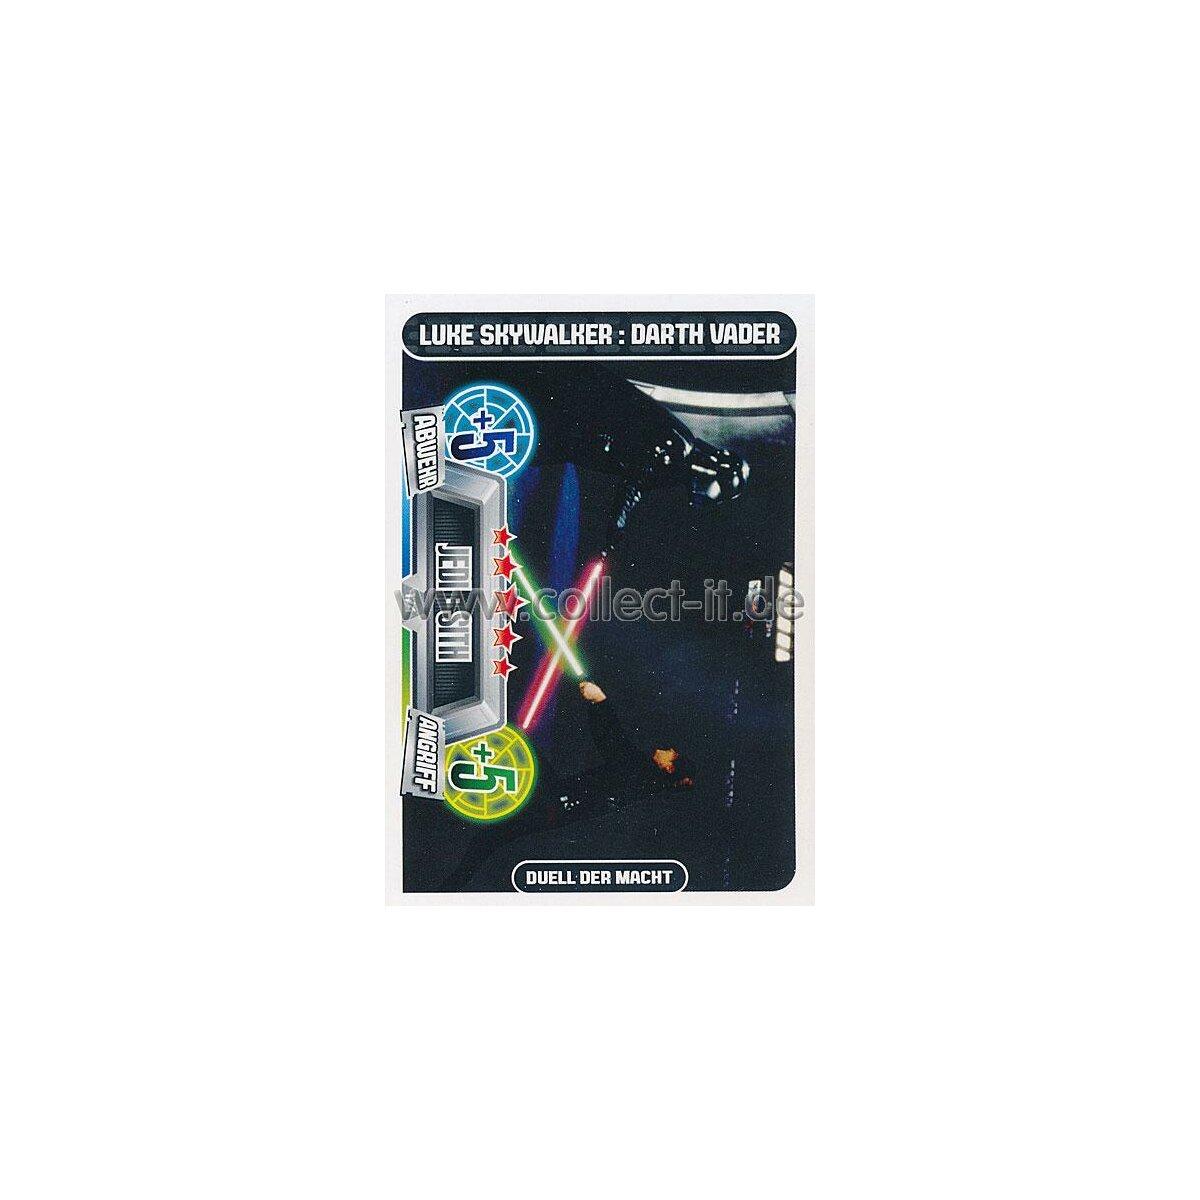 Force Attax Movie Cards 2 174-Luke Skywalker Dark Vador-Jedi Sith